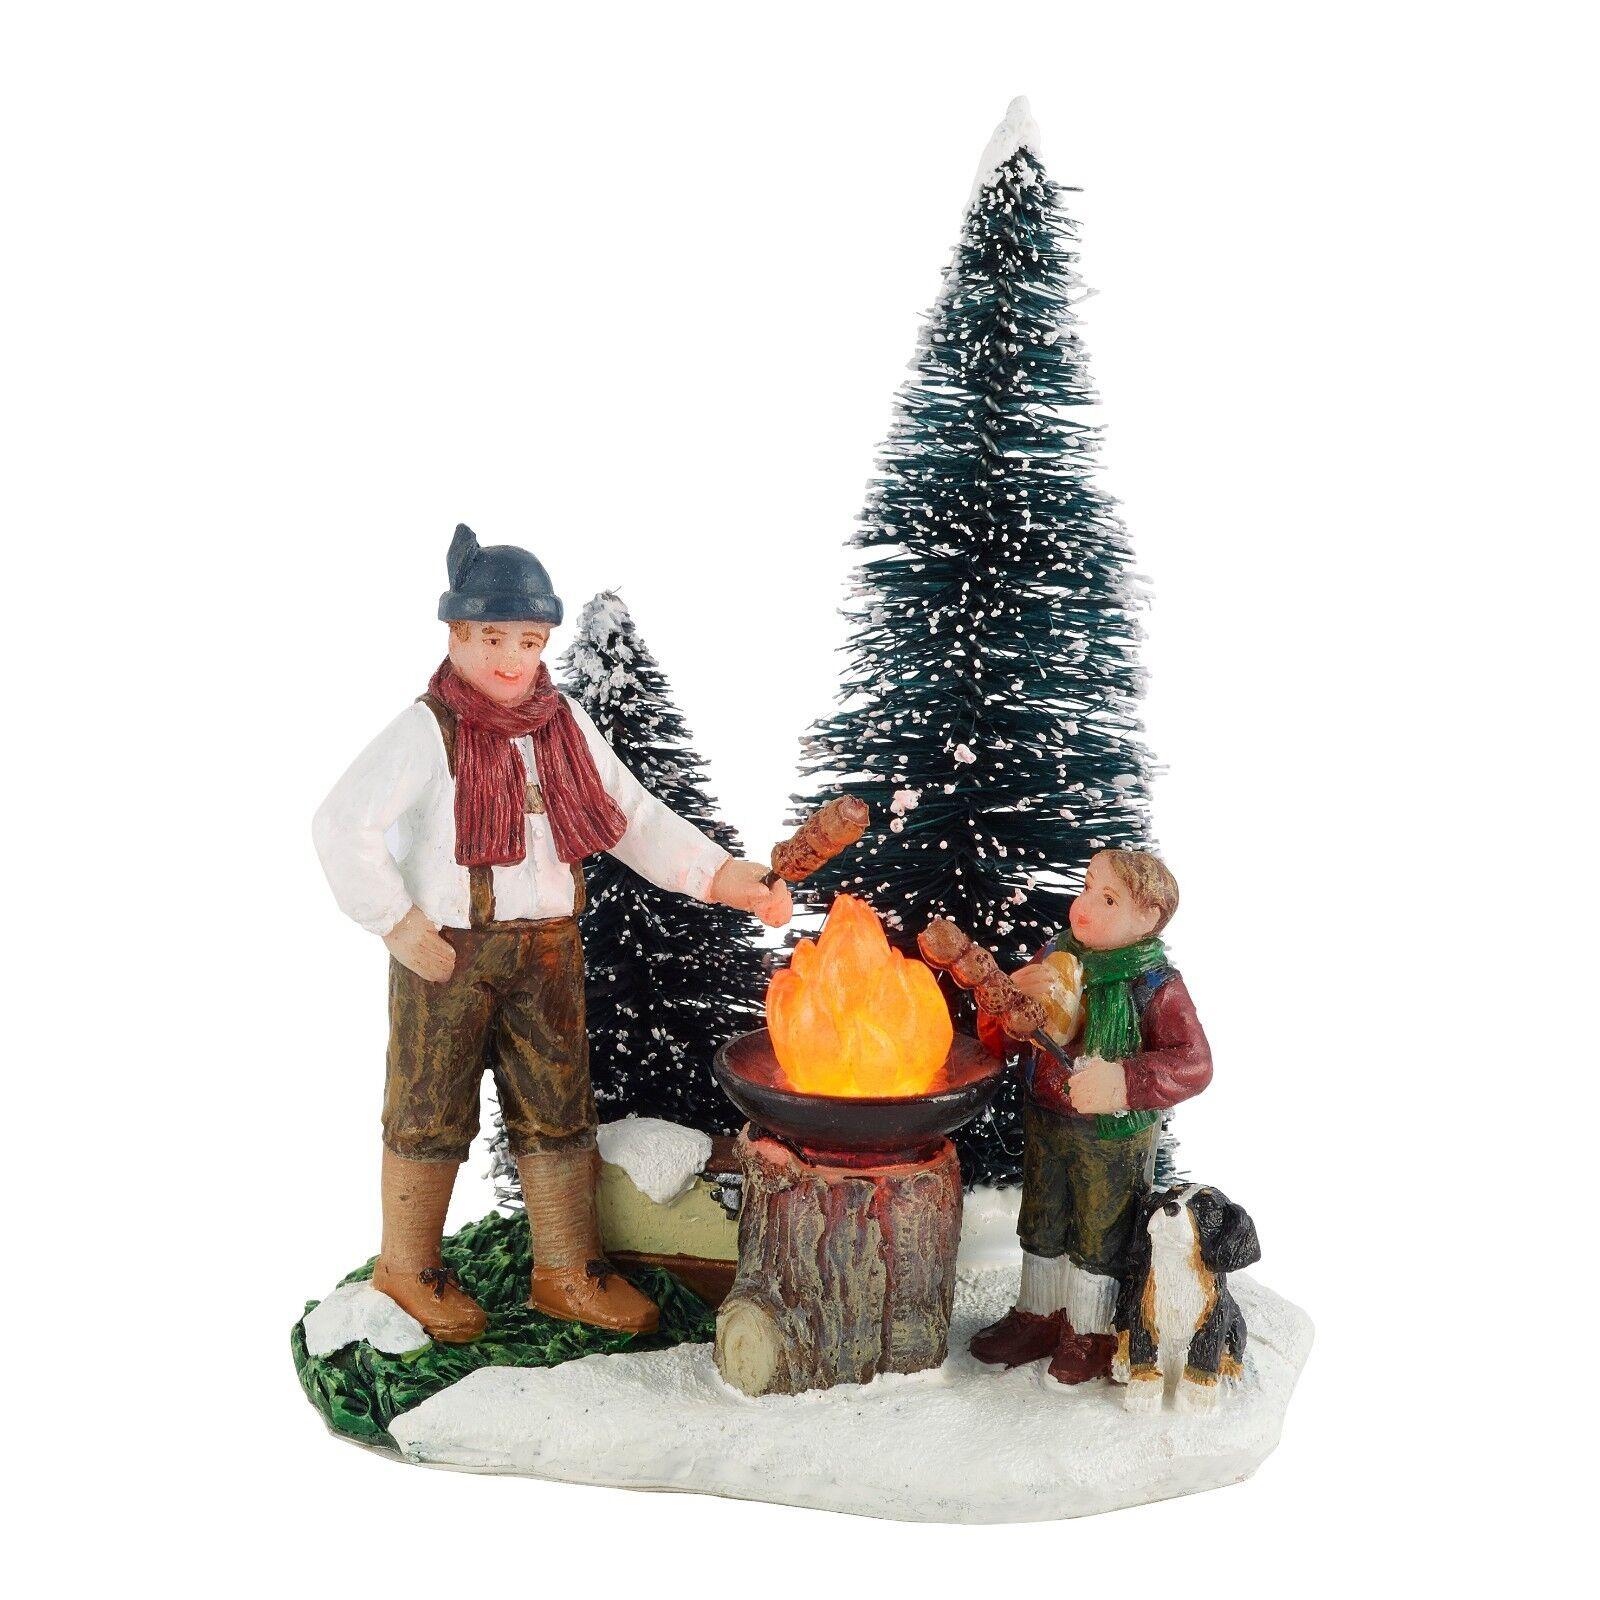 Luville Beleuchtungszubehör - 612016 - Forest Barbeque, Weihnachtsdorf,